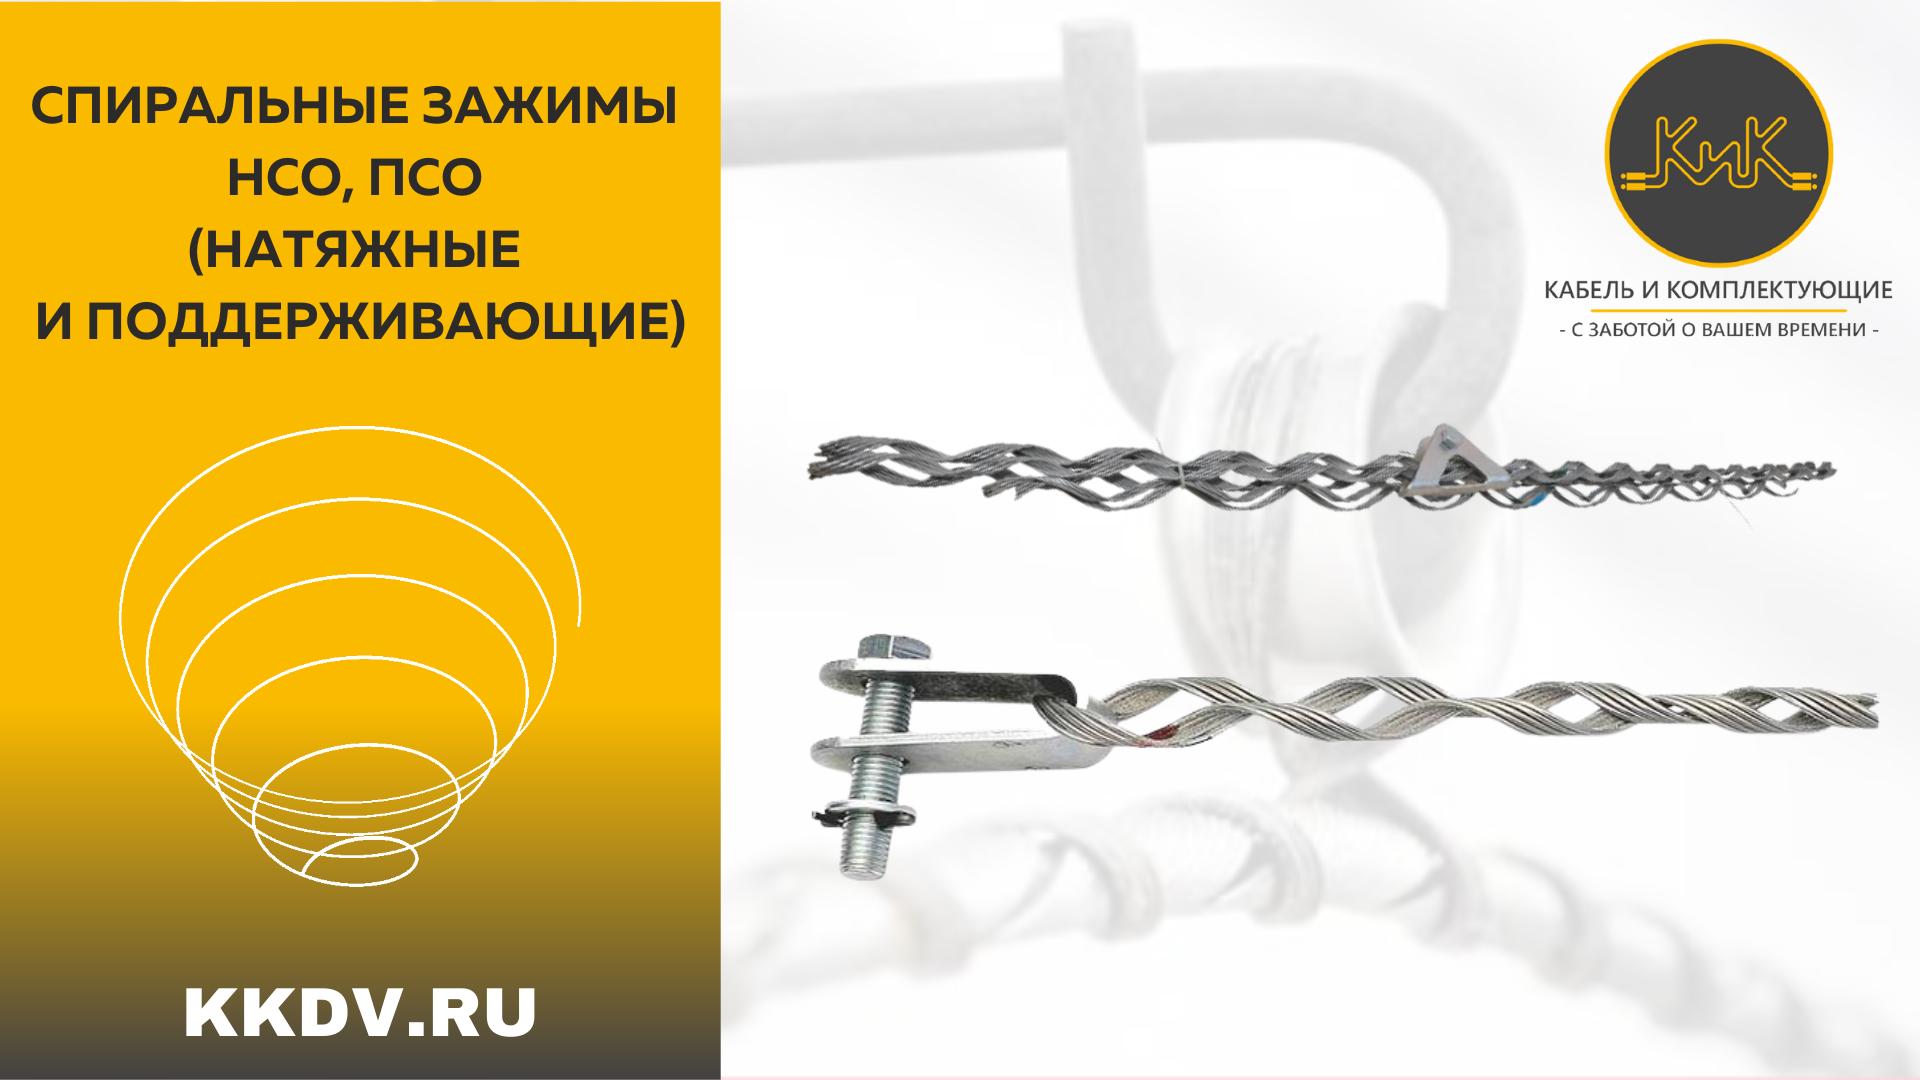 Спиральнеы зажимы НСО, ПСО купить в Хабаровске